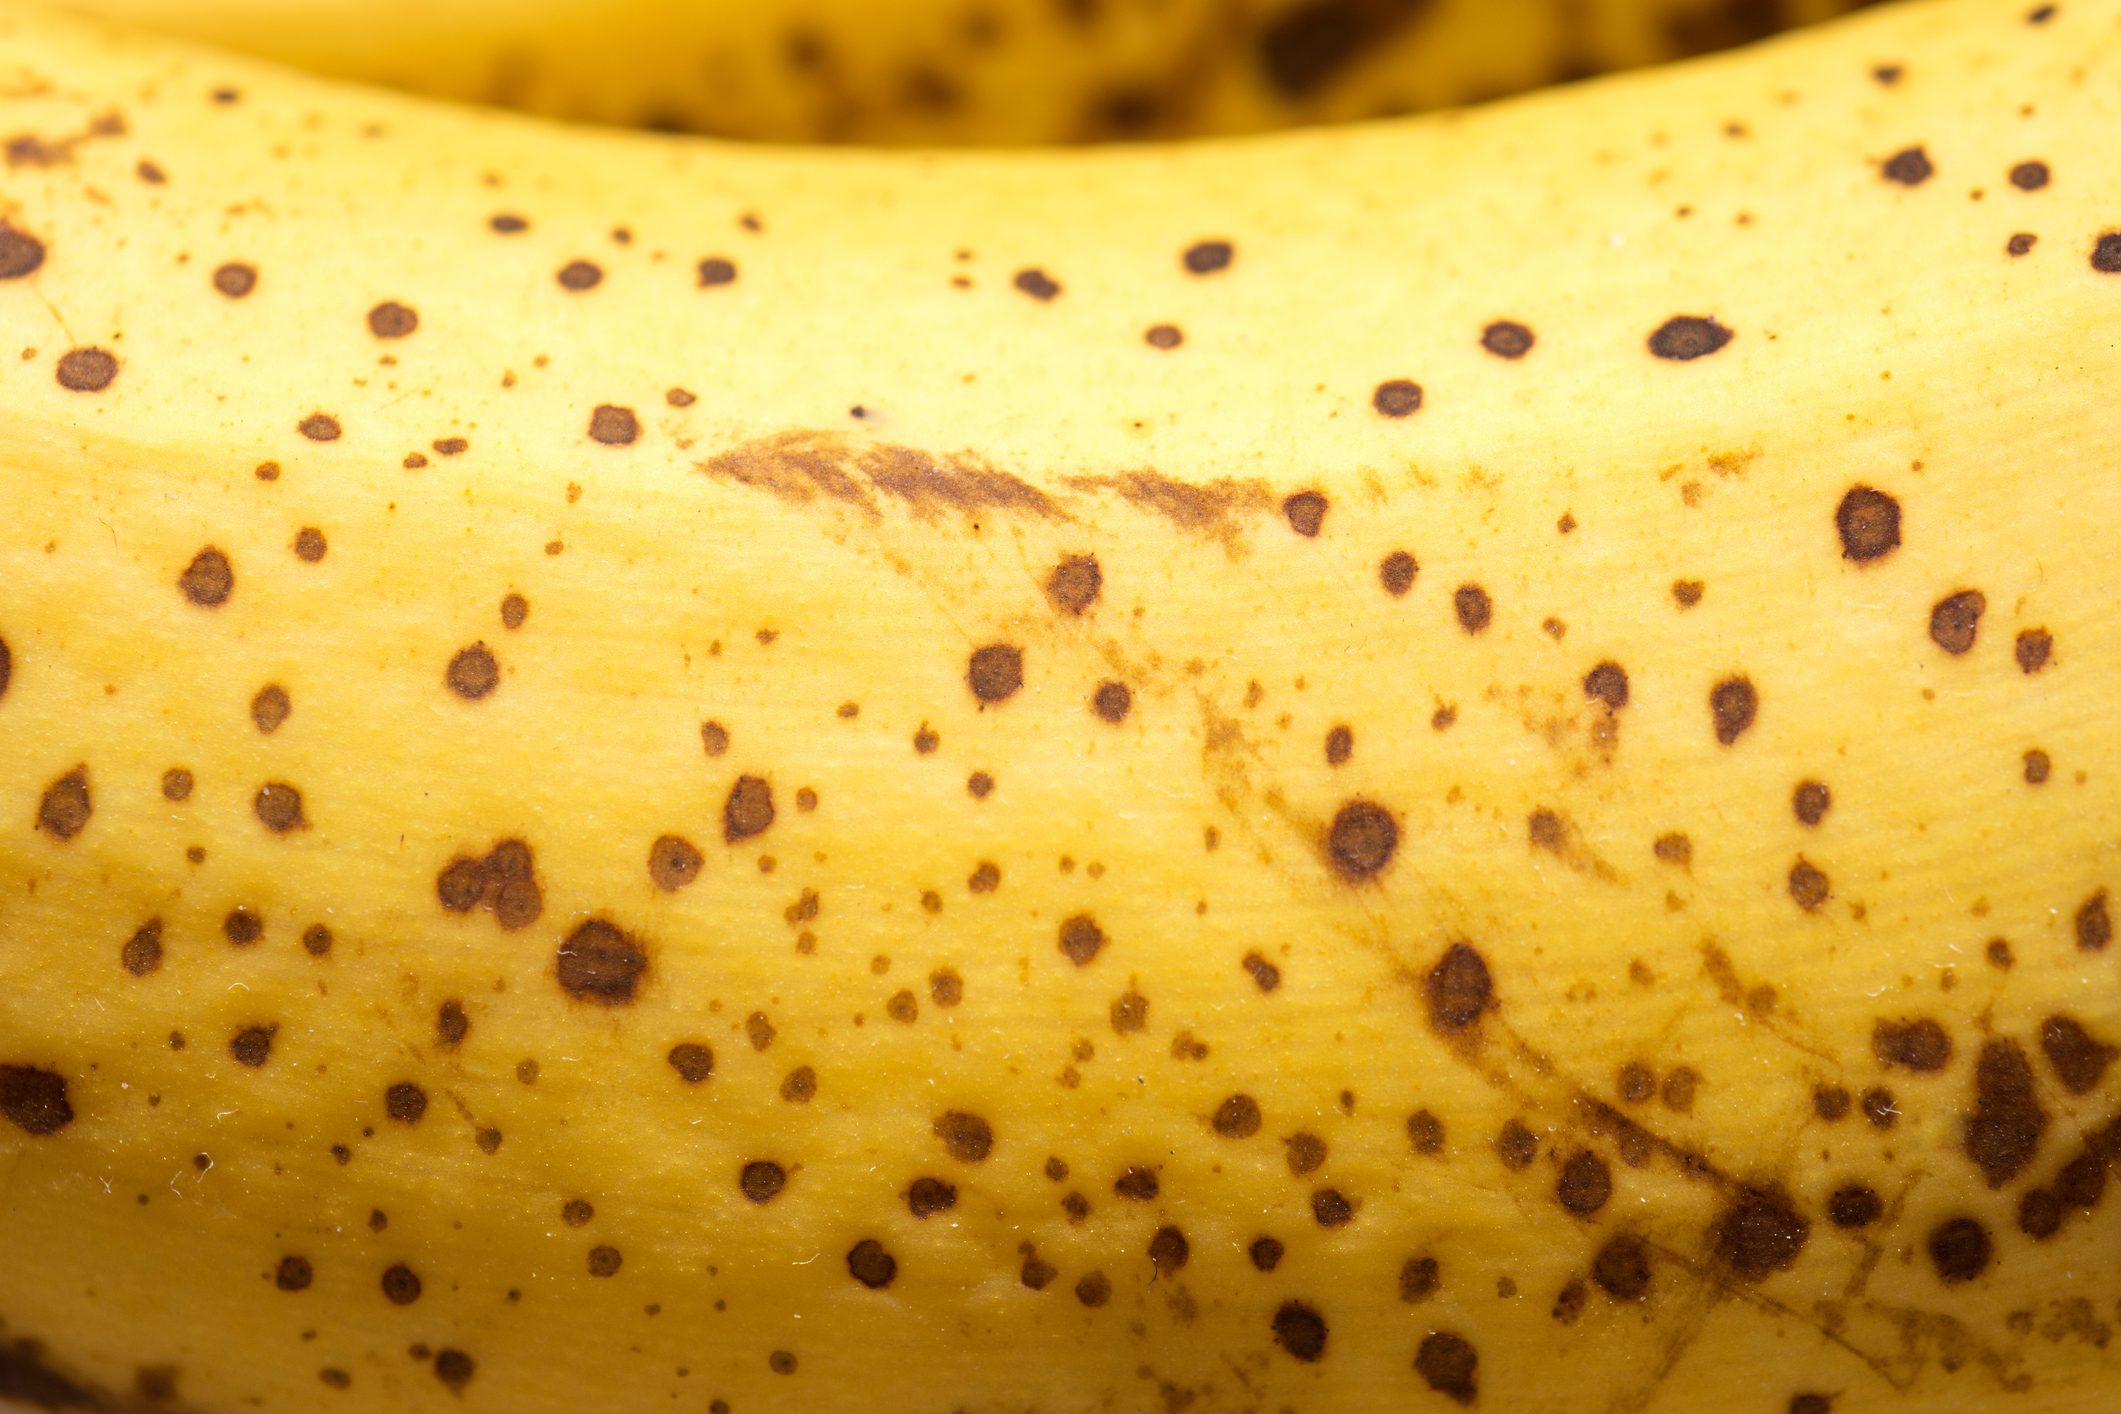 close up of a ripe banana